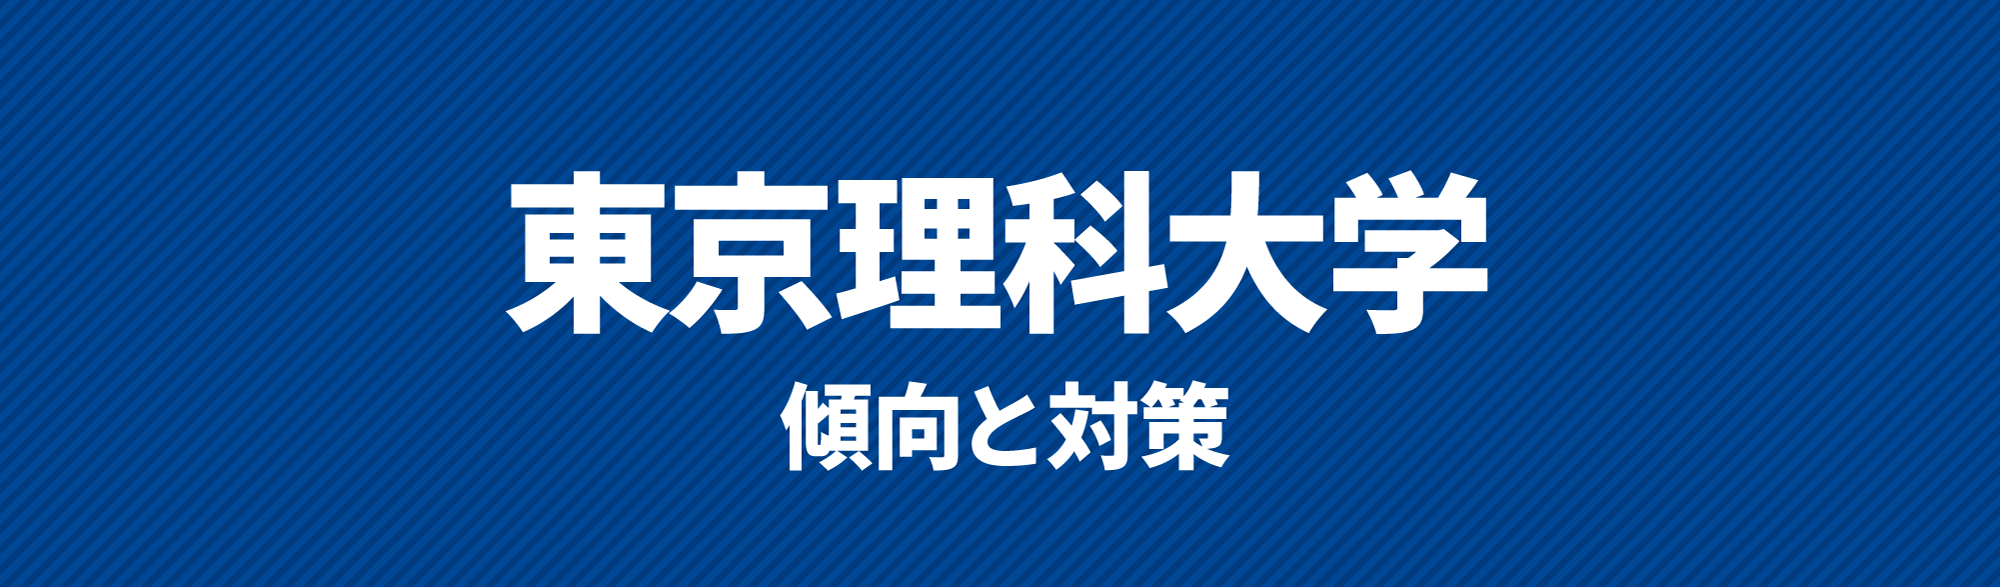 東京理科大学傾向と対策